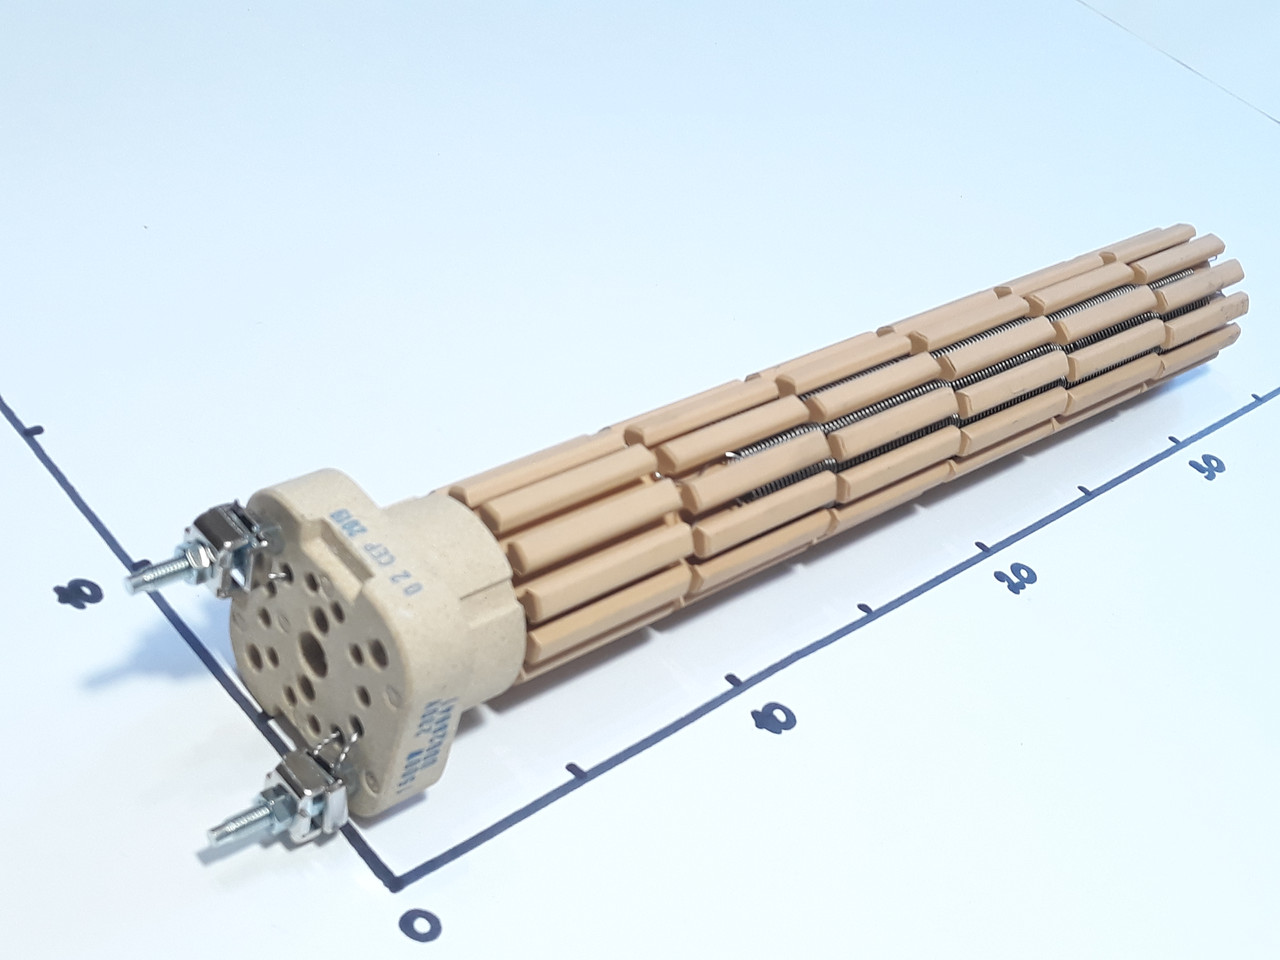 Нагреватель для бойлера 1500w керамический (стеатитовый) (Египет)